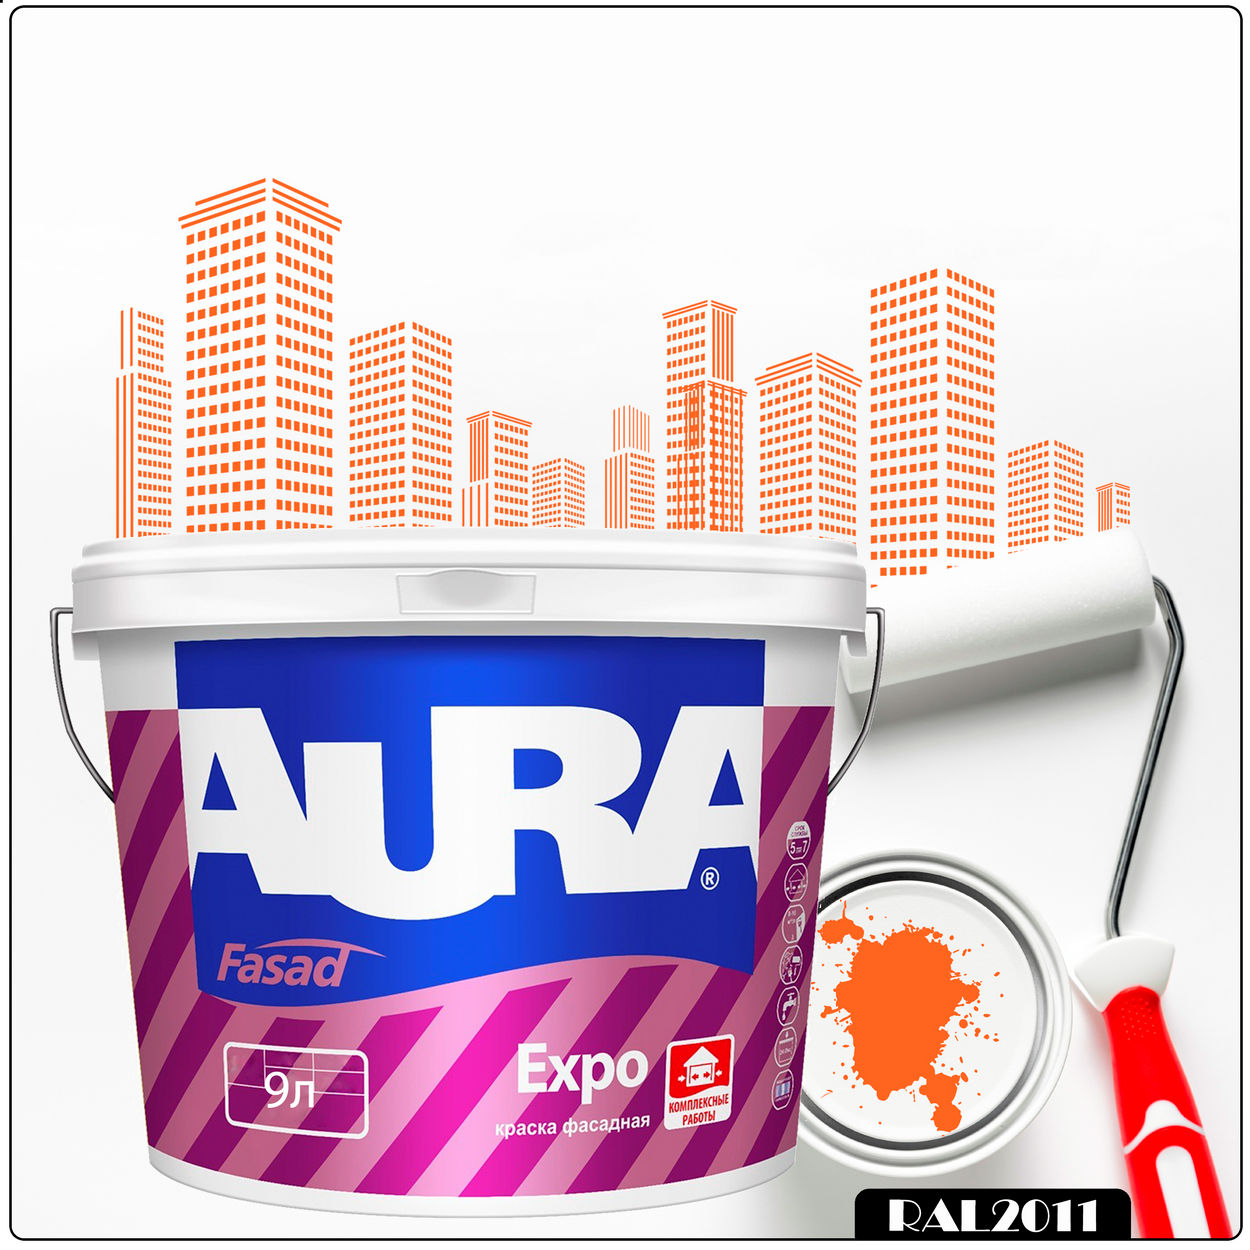 Фото 9 - Краска Aura Fasad Expo, RAL 2011 Насыщенный-оранжевый, матовая, для фасадов и помещений с повышенной влажностью, 9л.